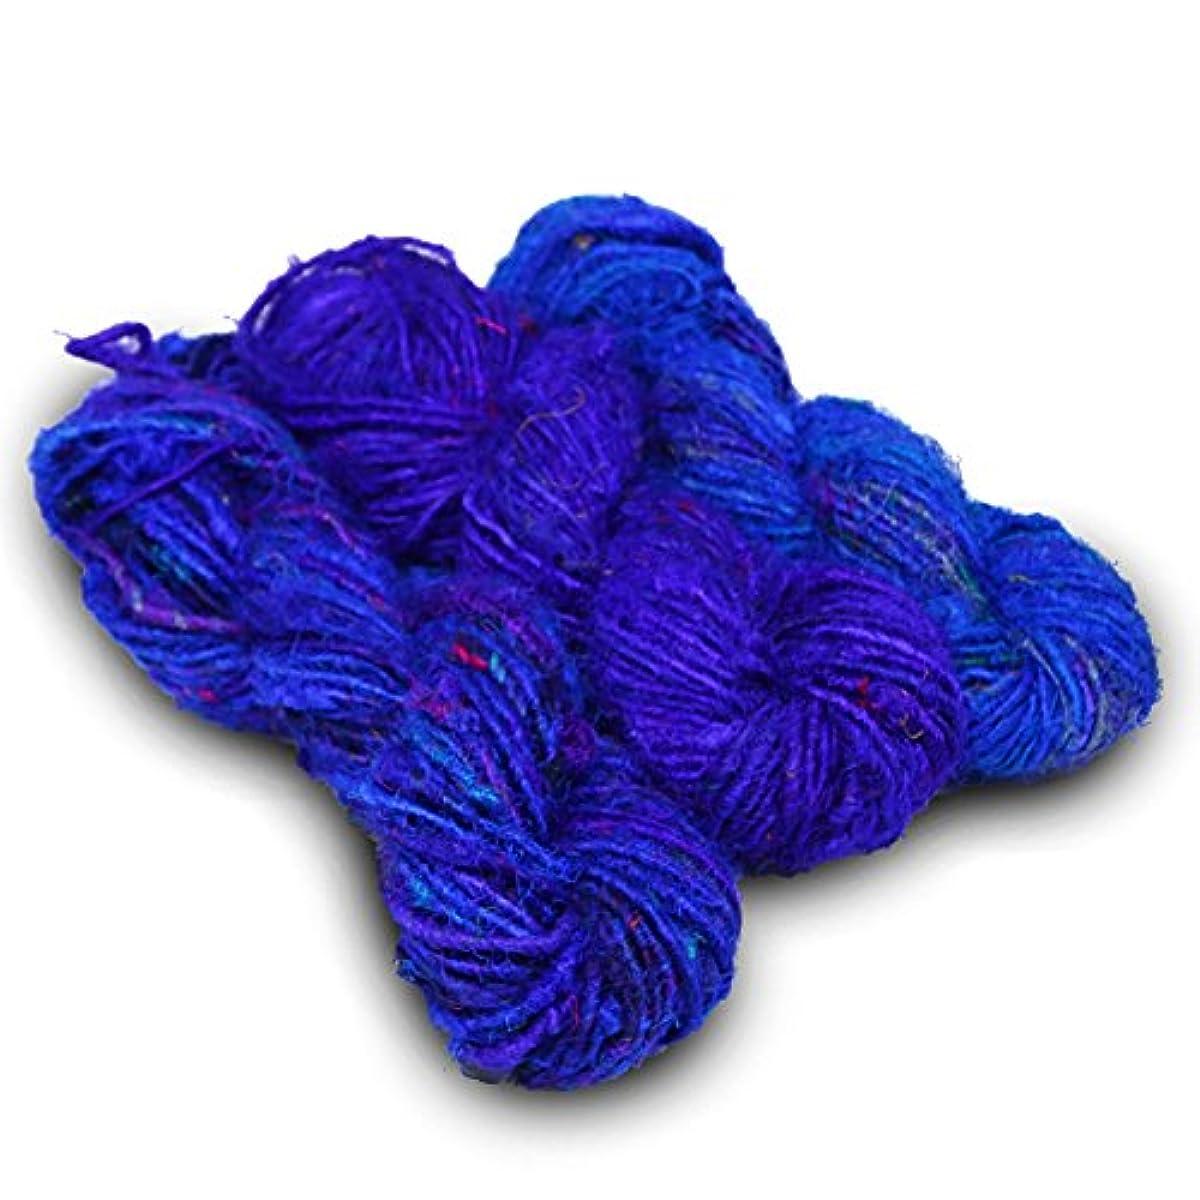 Paradise Fibers Recycled Sari Silk Yarn (Blue/Purple)- 3 Skein Bundle, 50 Yards, 100 Grams, Per Skein